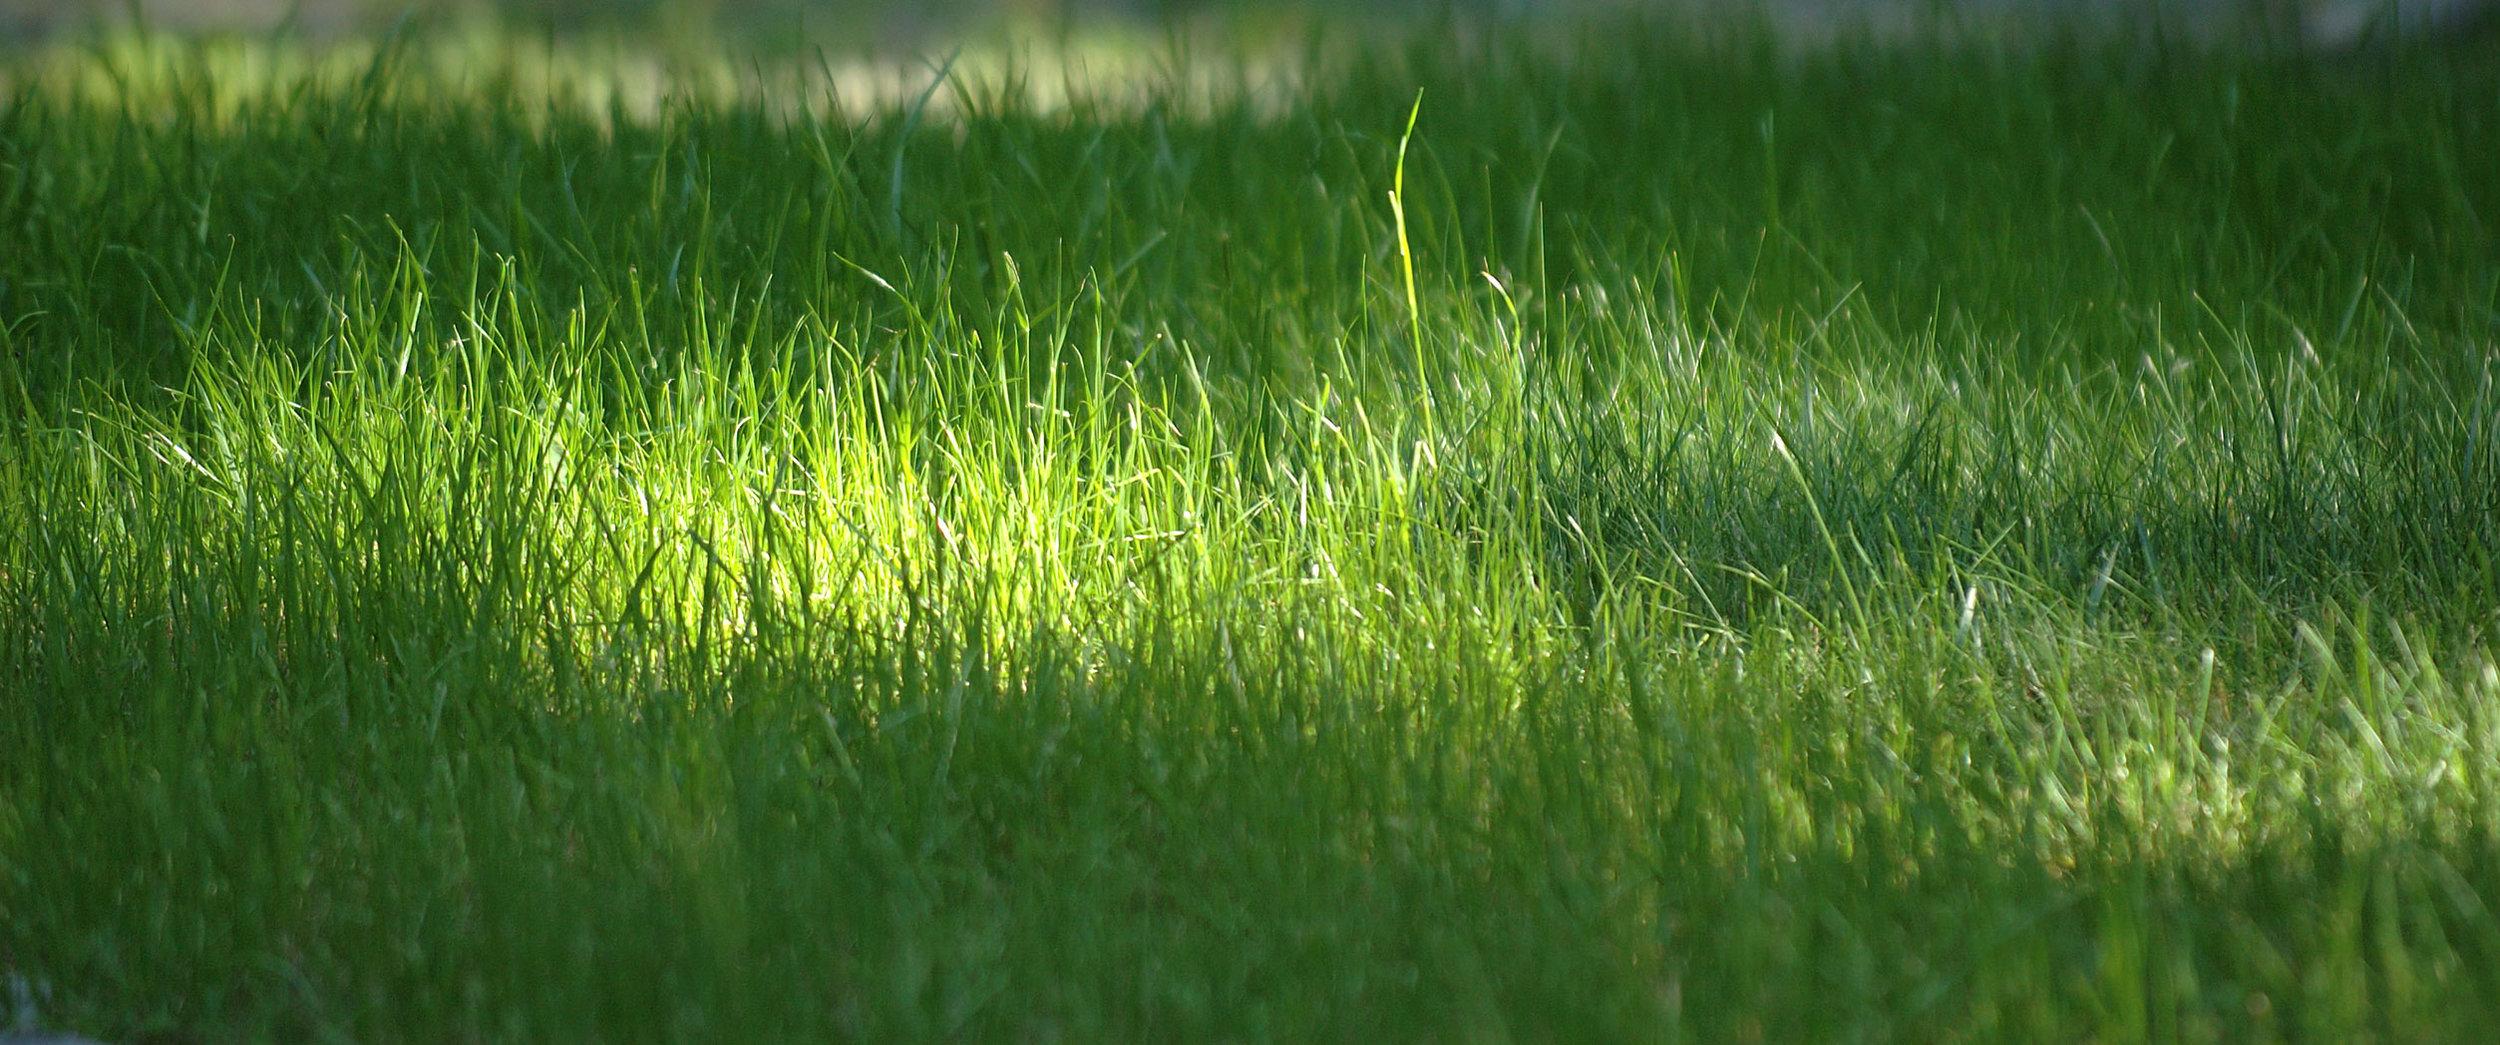 Grass-Sermon.jpg